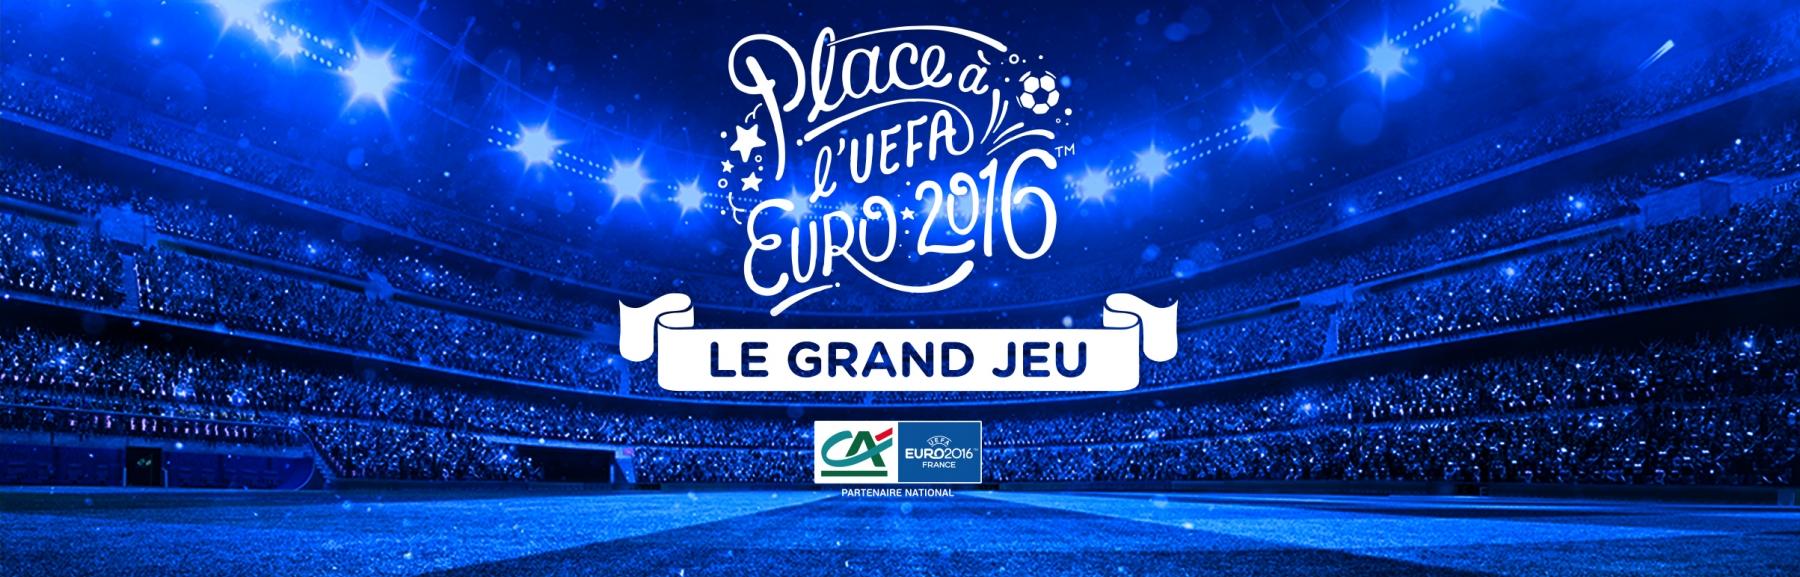 [Euro 2016] Places et cadeaux à gagner avec Crédit Agricole